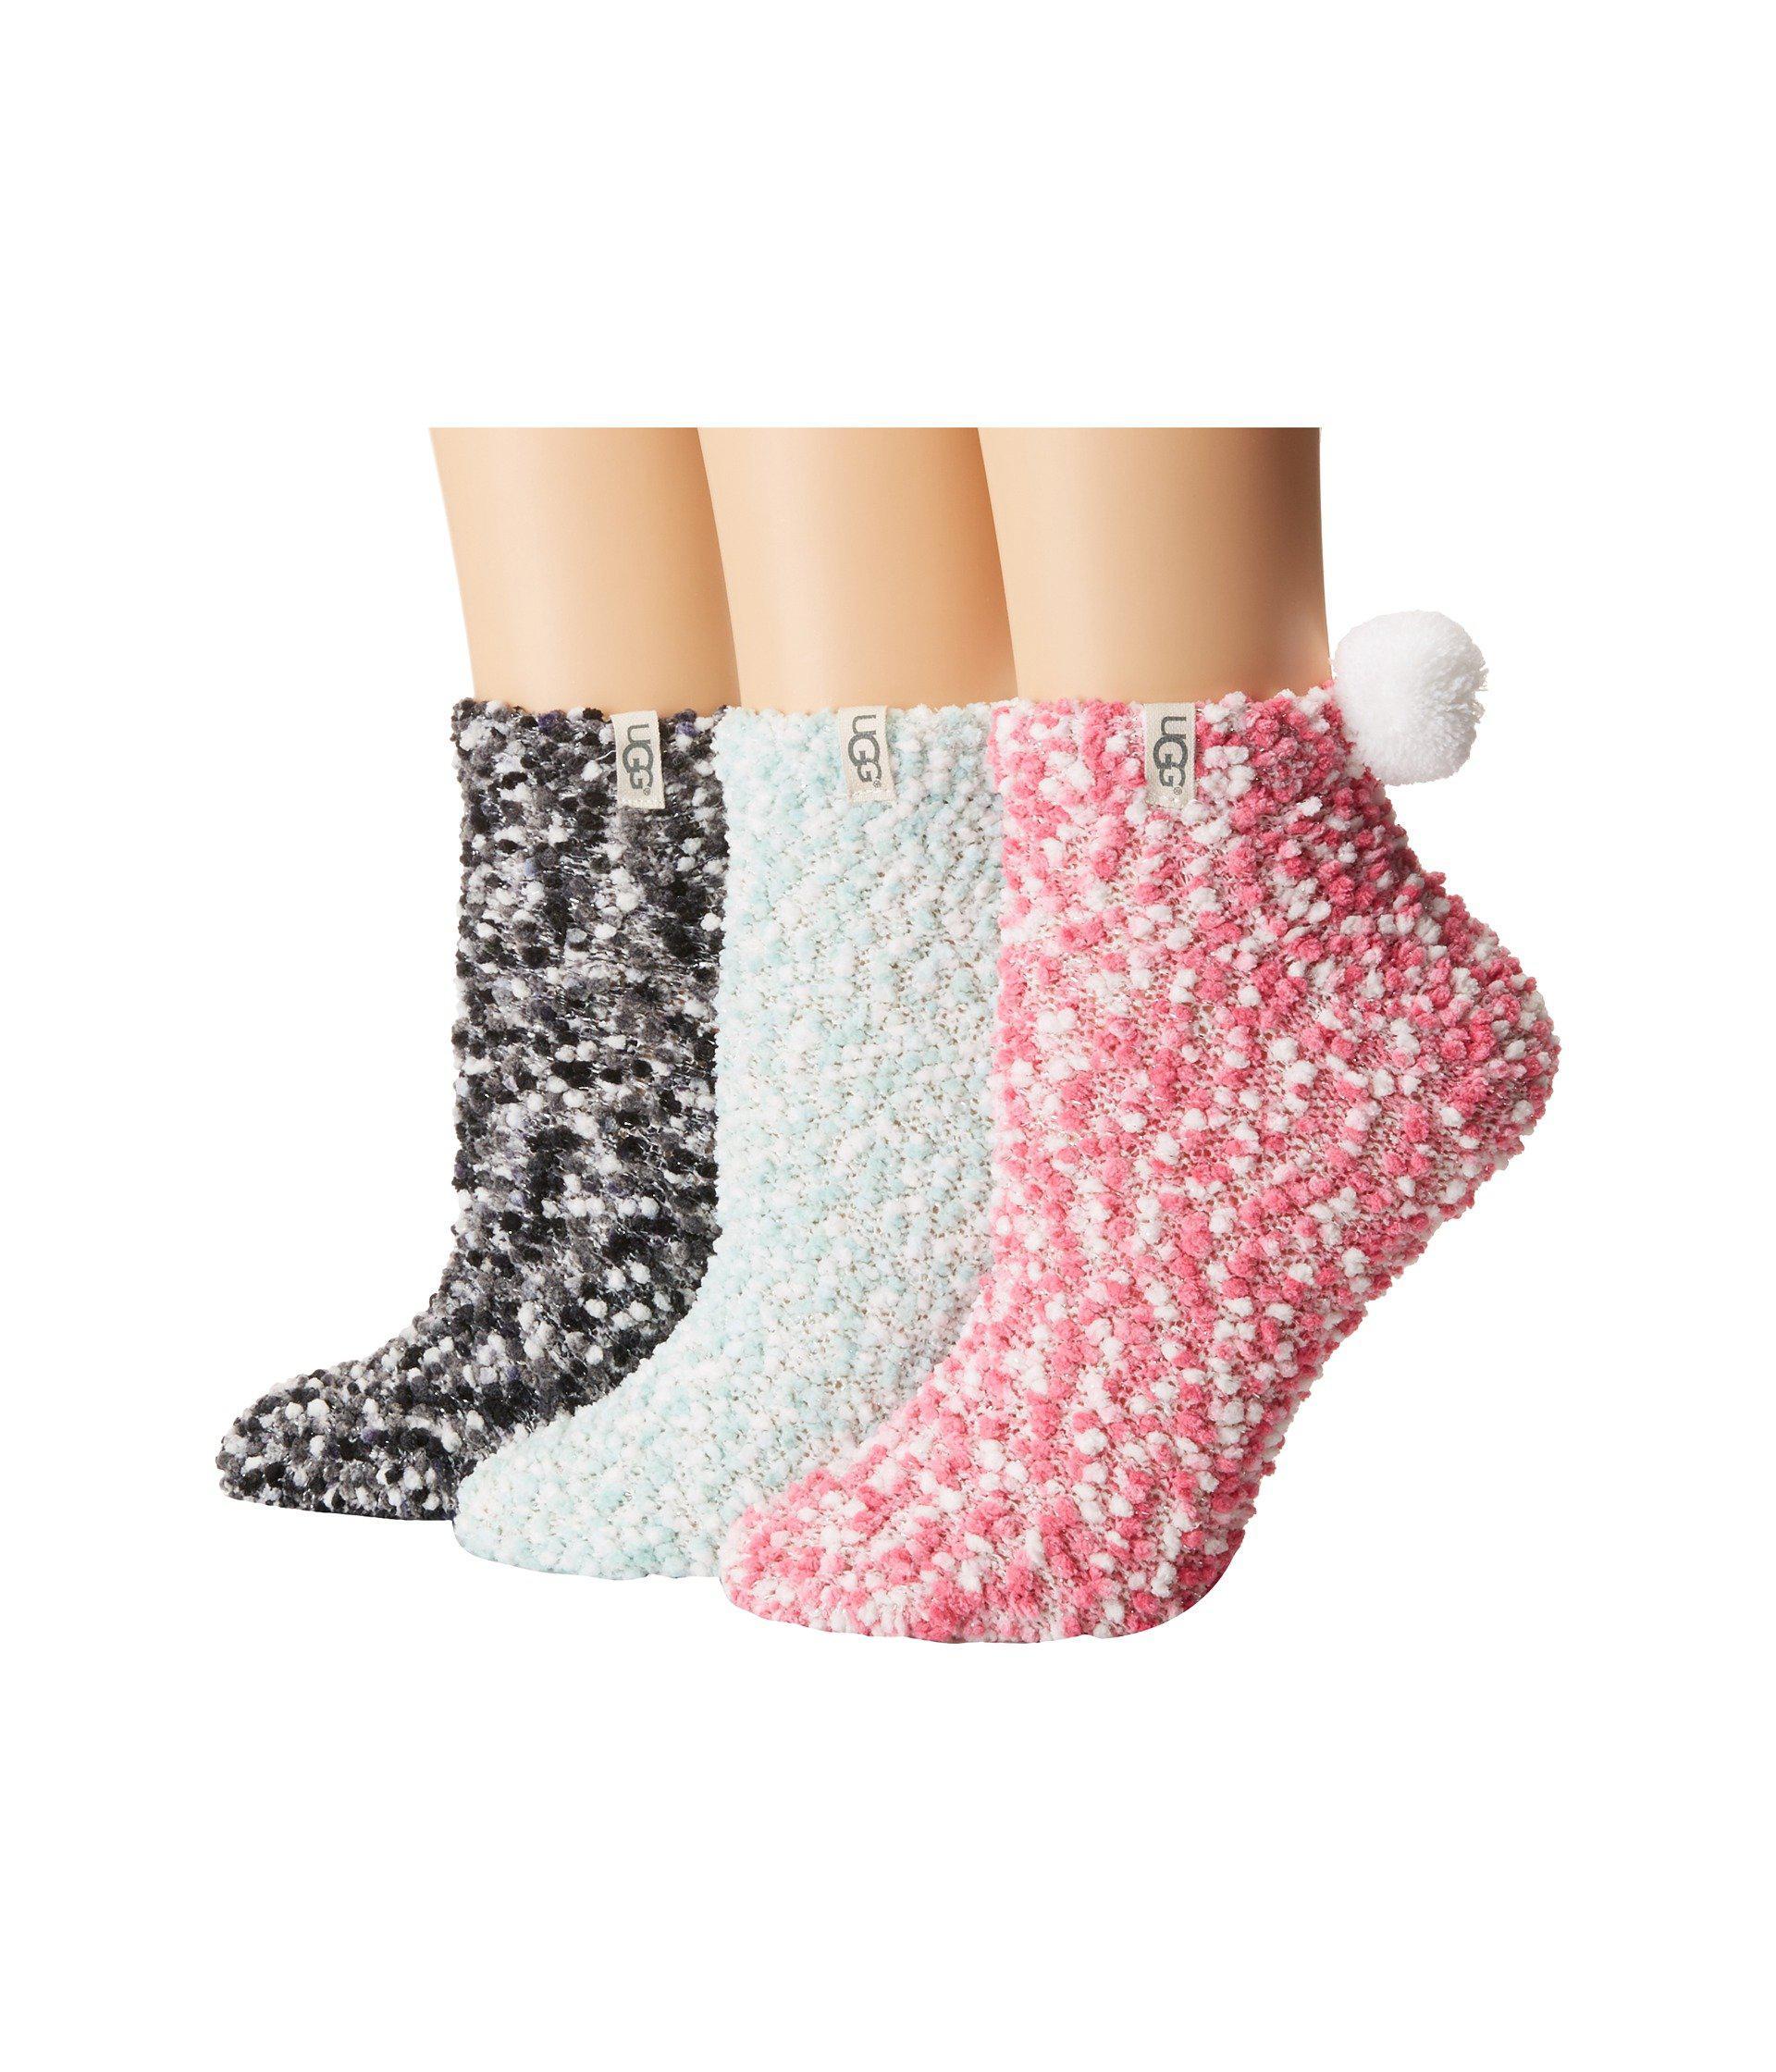 0ac69cde0b5 Pom Socks Gift Set (multi) Women's Low Cut Socks Shoes